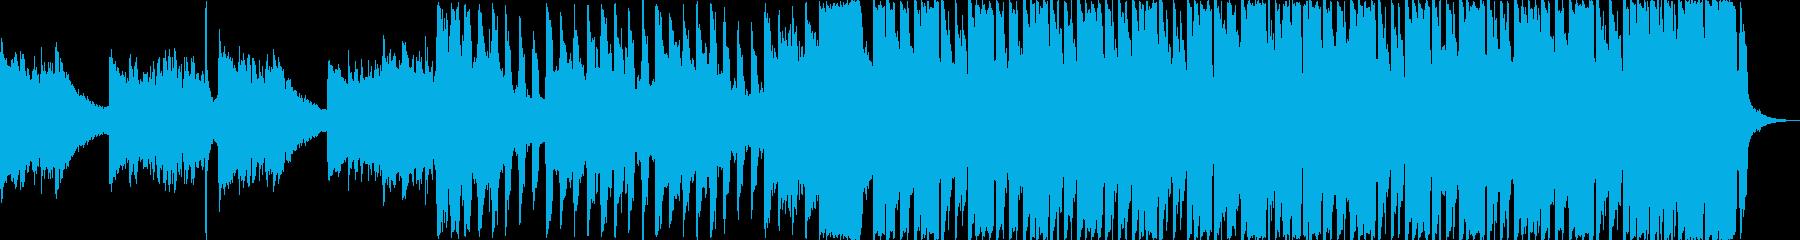 暖かくて夏に合う感動的・ショートverの再生済みの波形